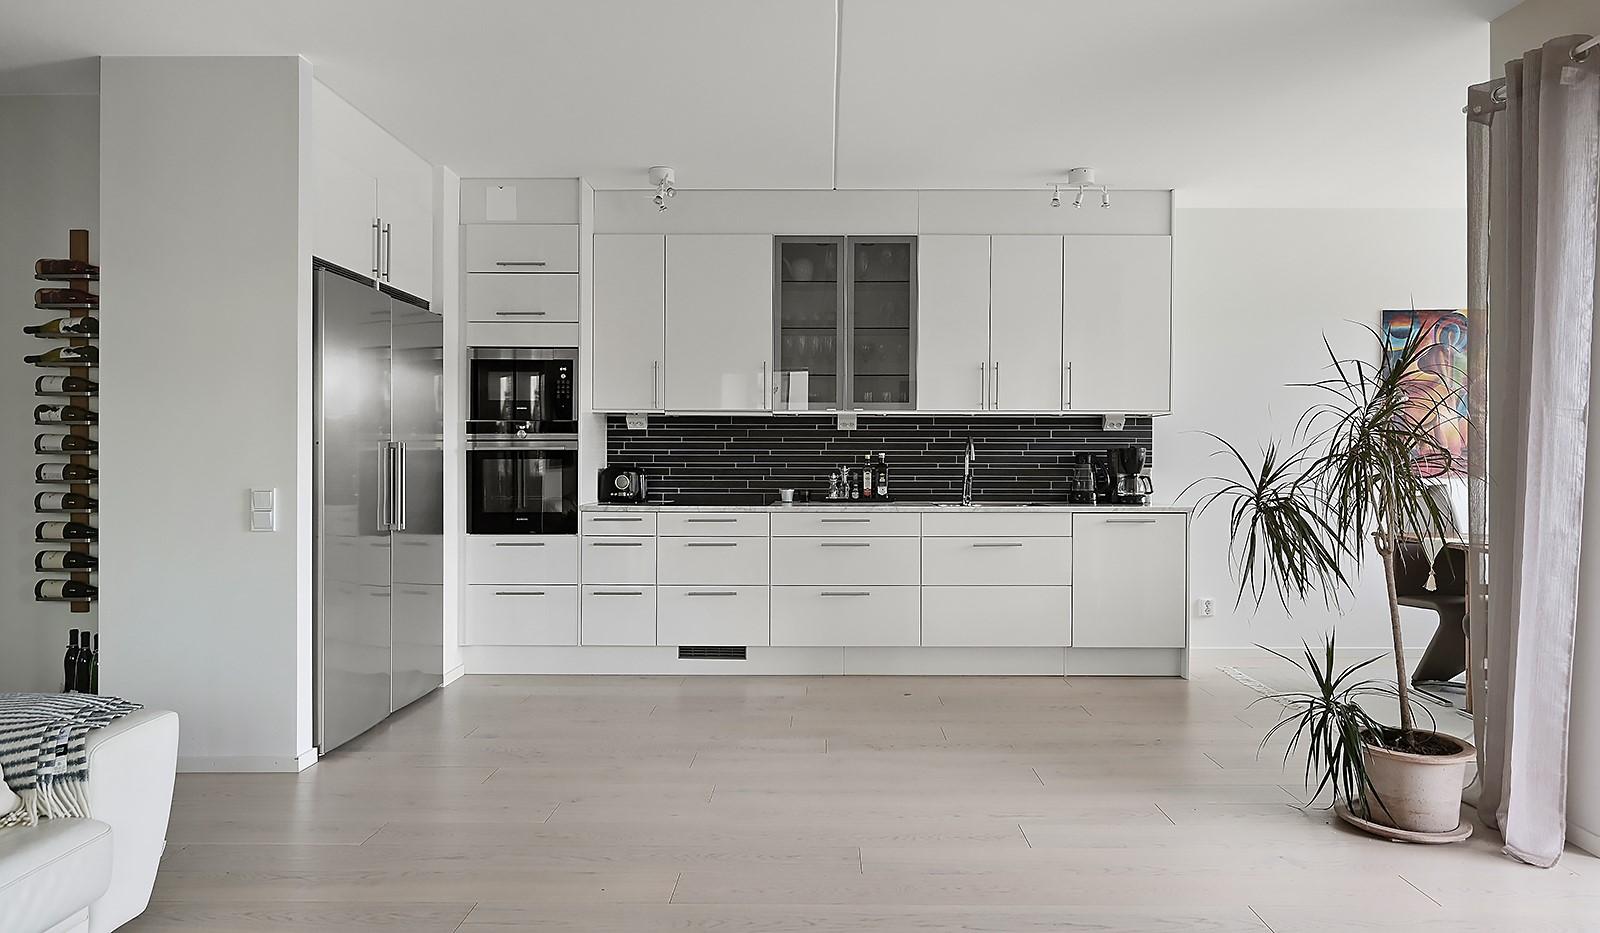 Fredriksdalsgatan 24, vån 2 - Social och öppen planlösning mellan vardagsrum och kök